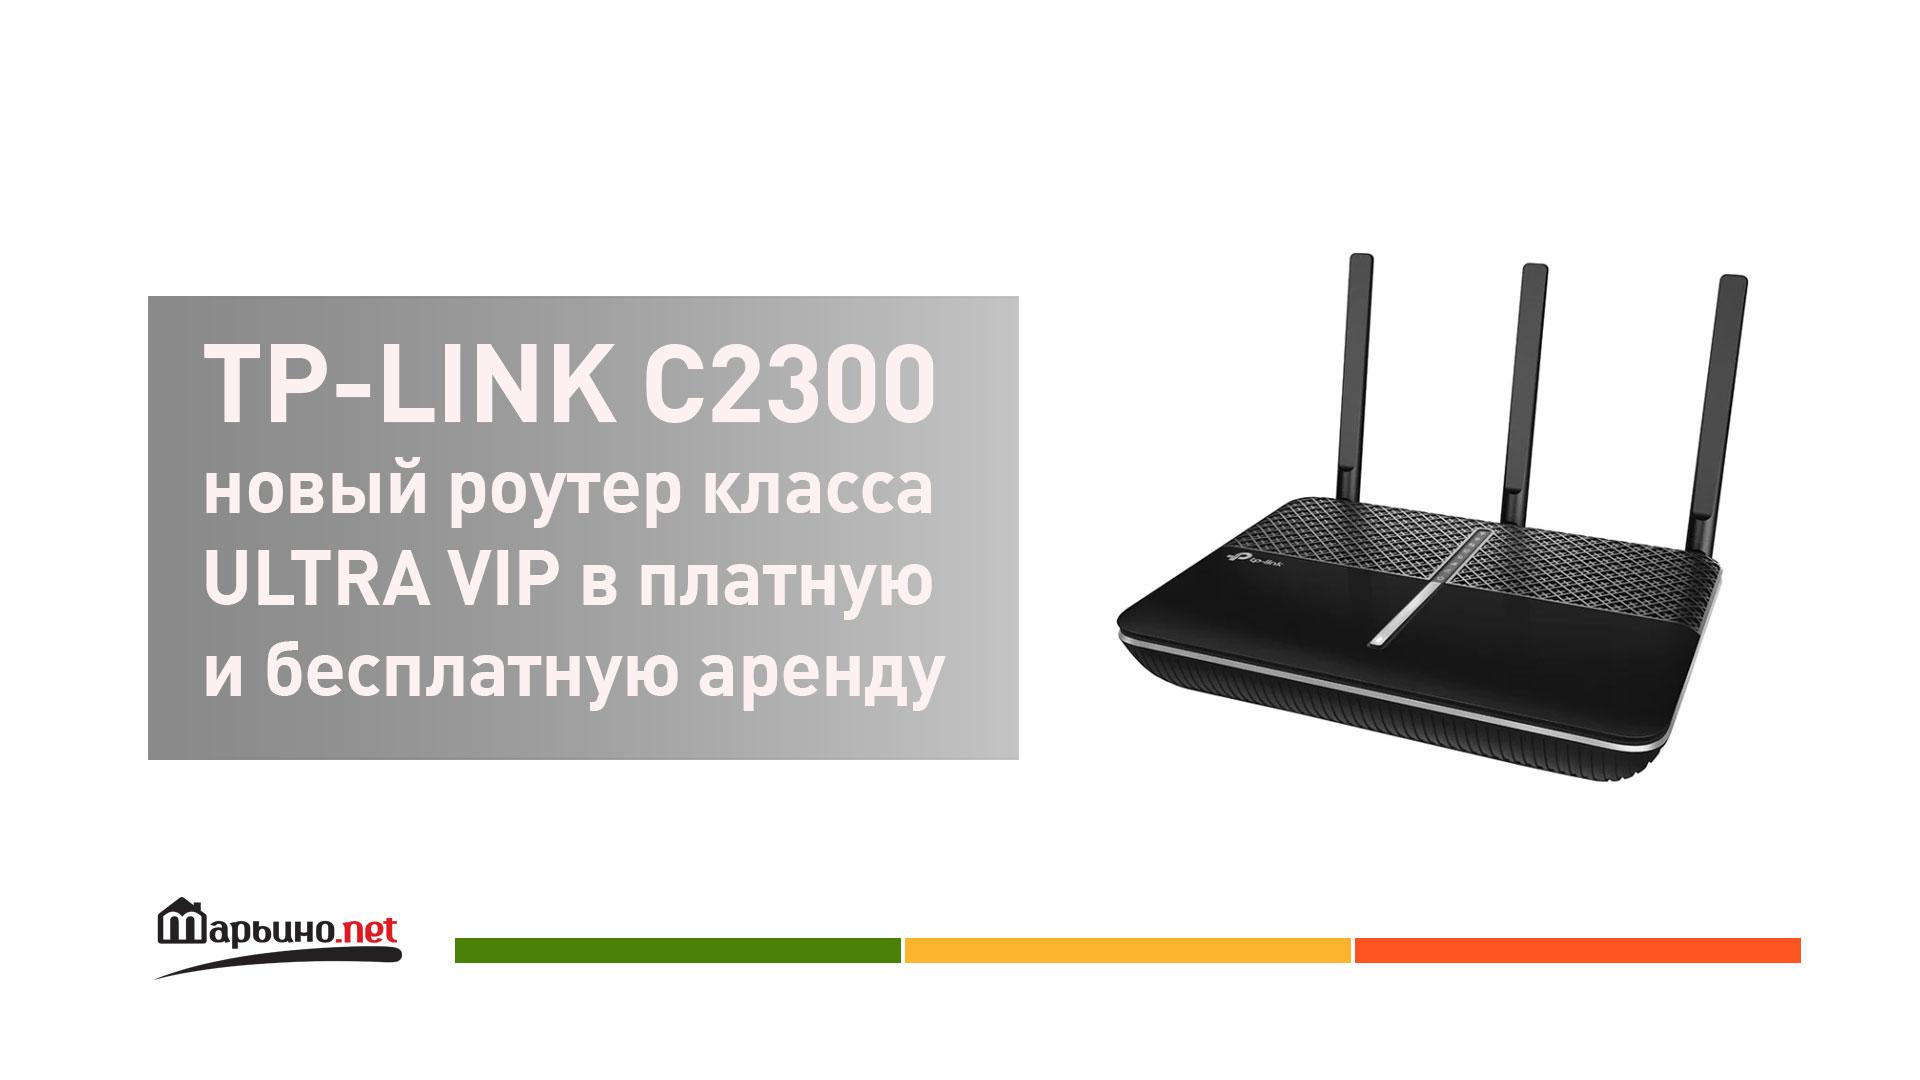 tp-link arher c2300